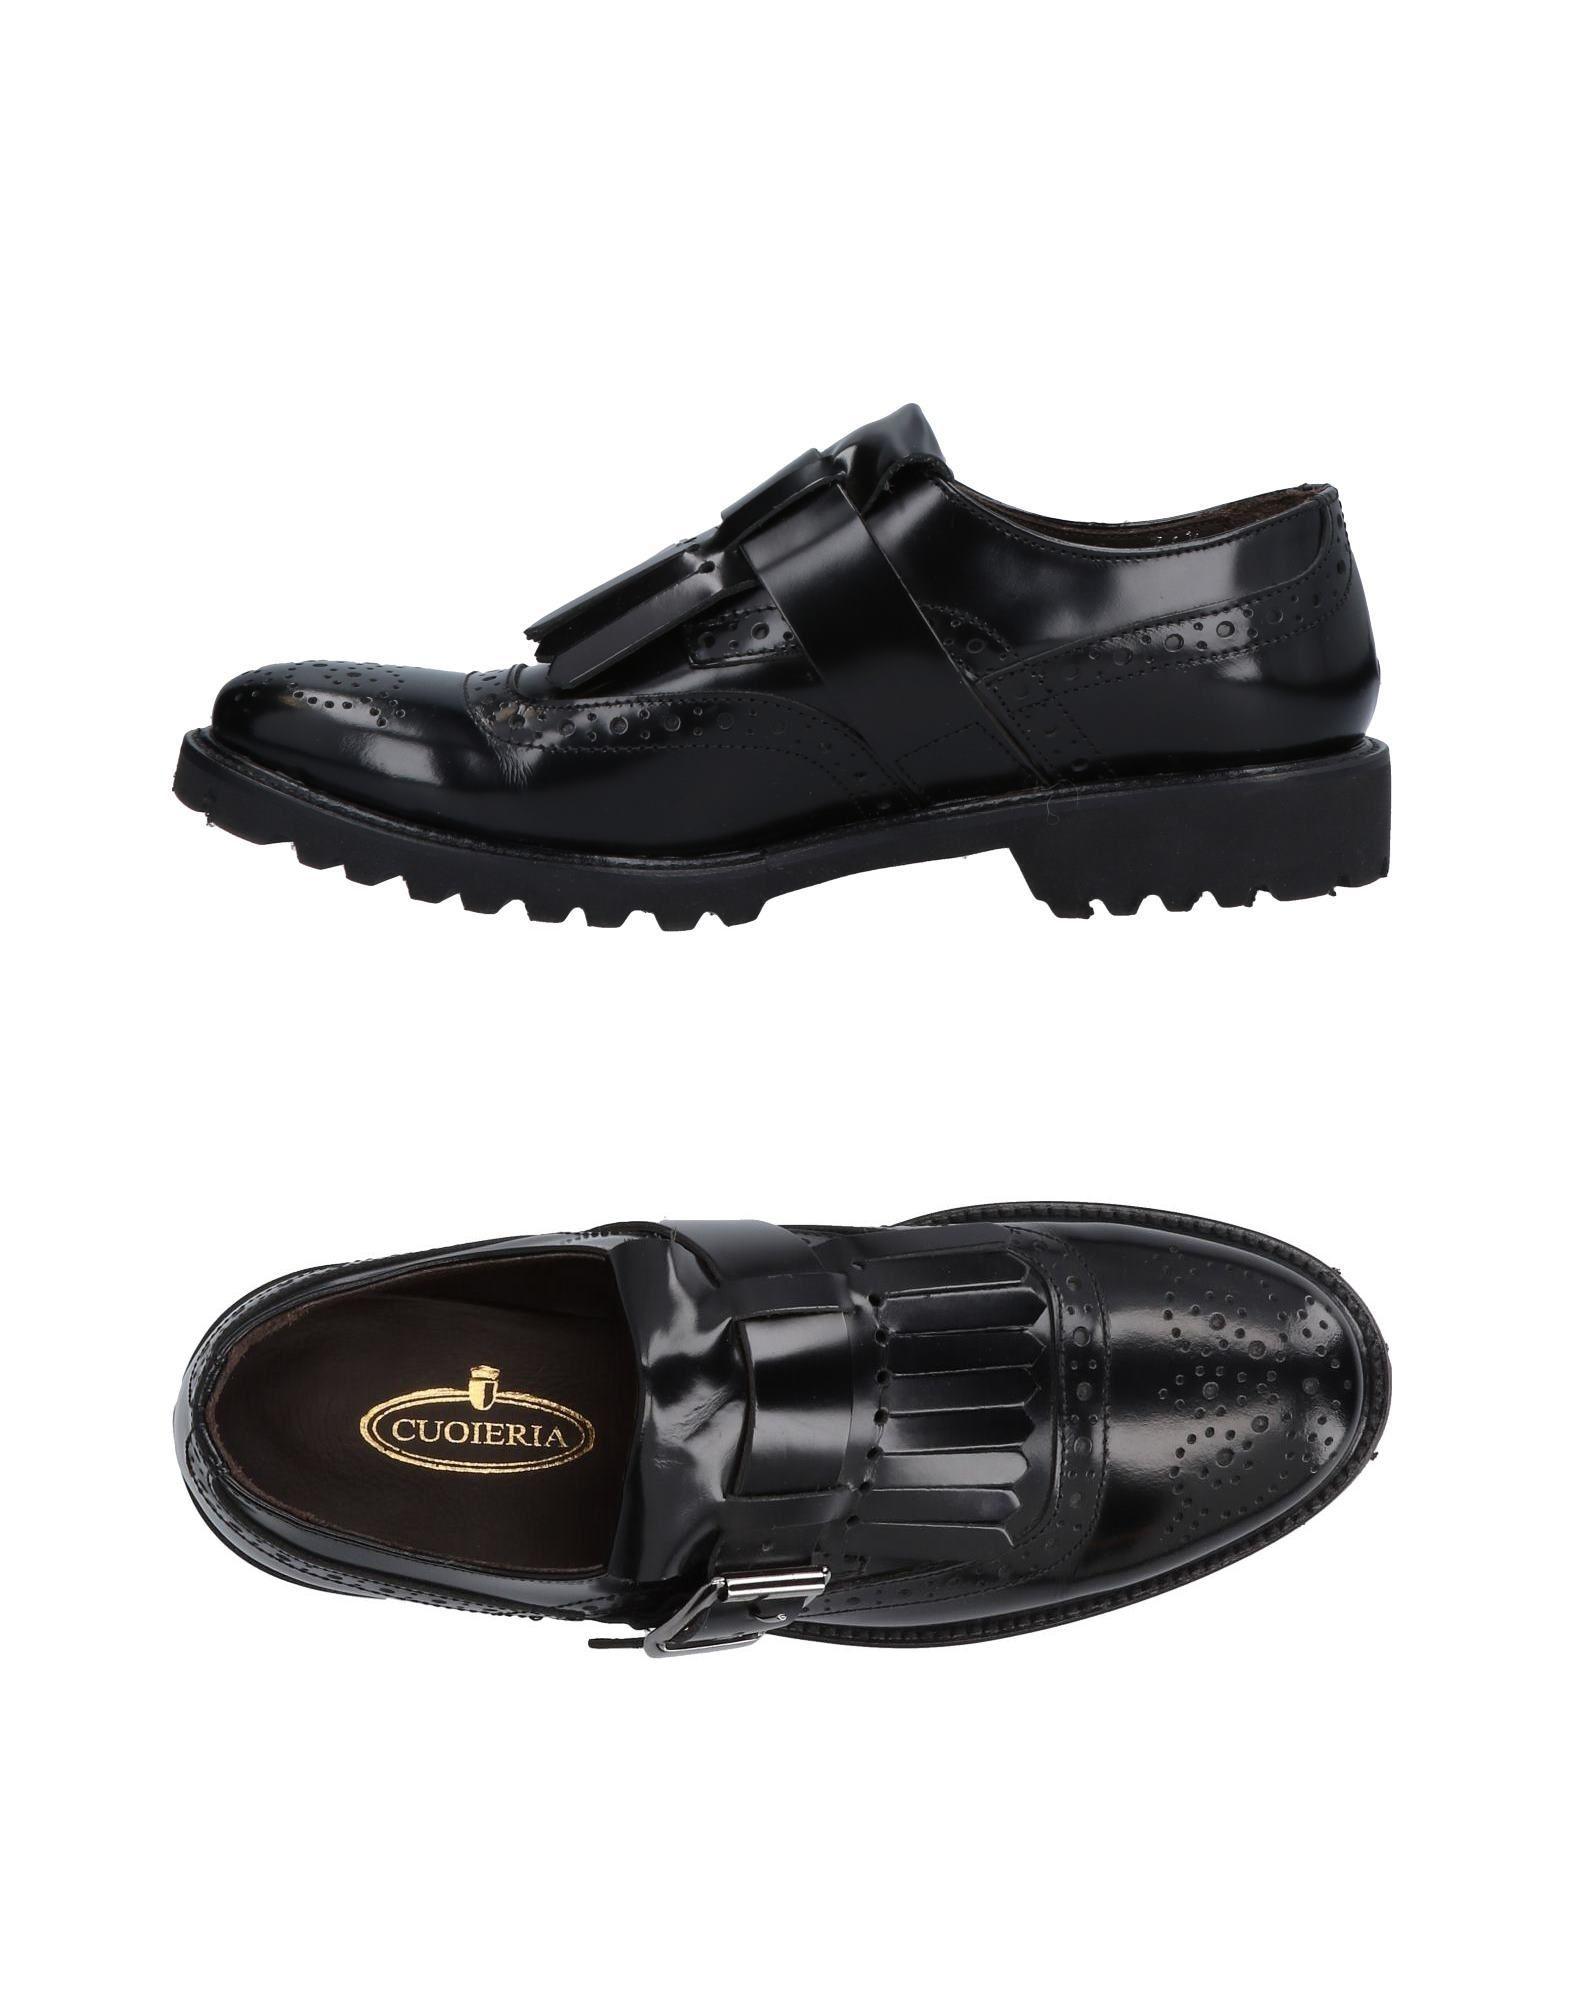 Cuoieria Mokassins Damen  11483391XV Schuhe Gute Qualität beliebte Schuhe 11483391XV 5d1aca